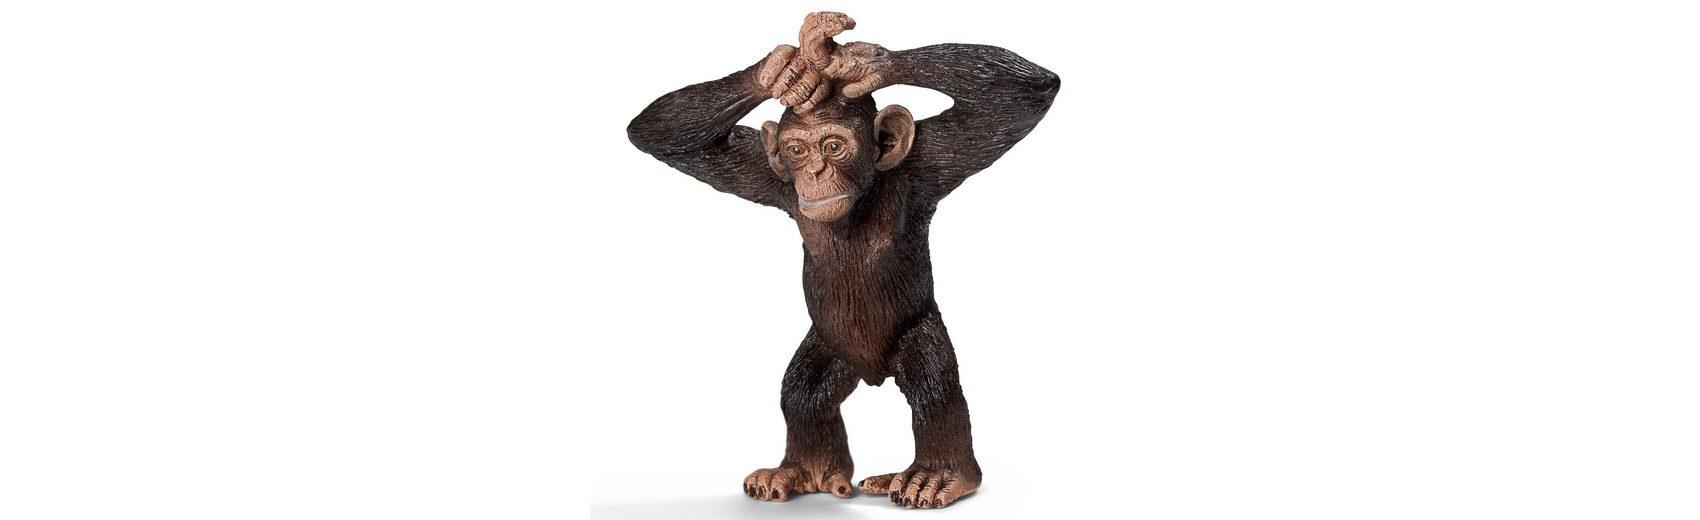 Schleich 14680 Wild Life: Schimpansen Junges